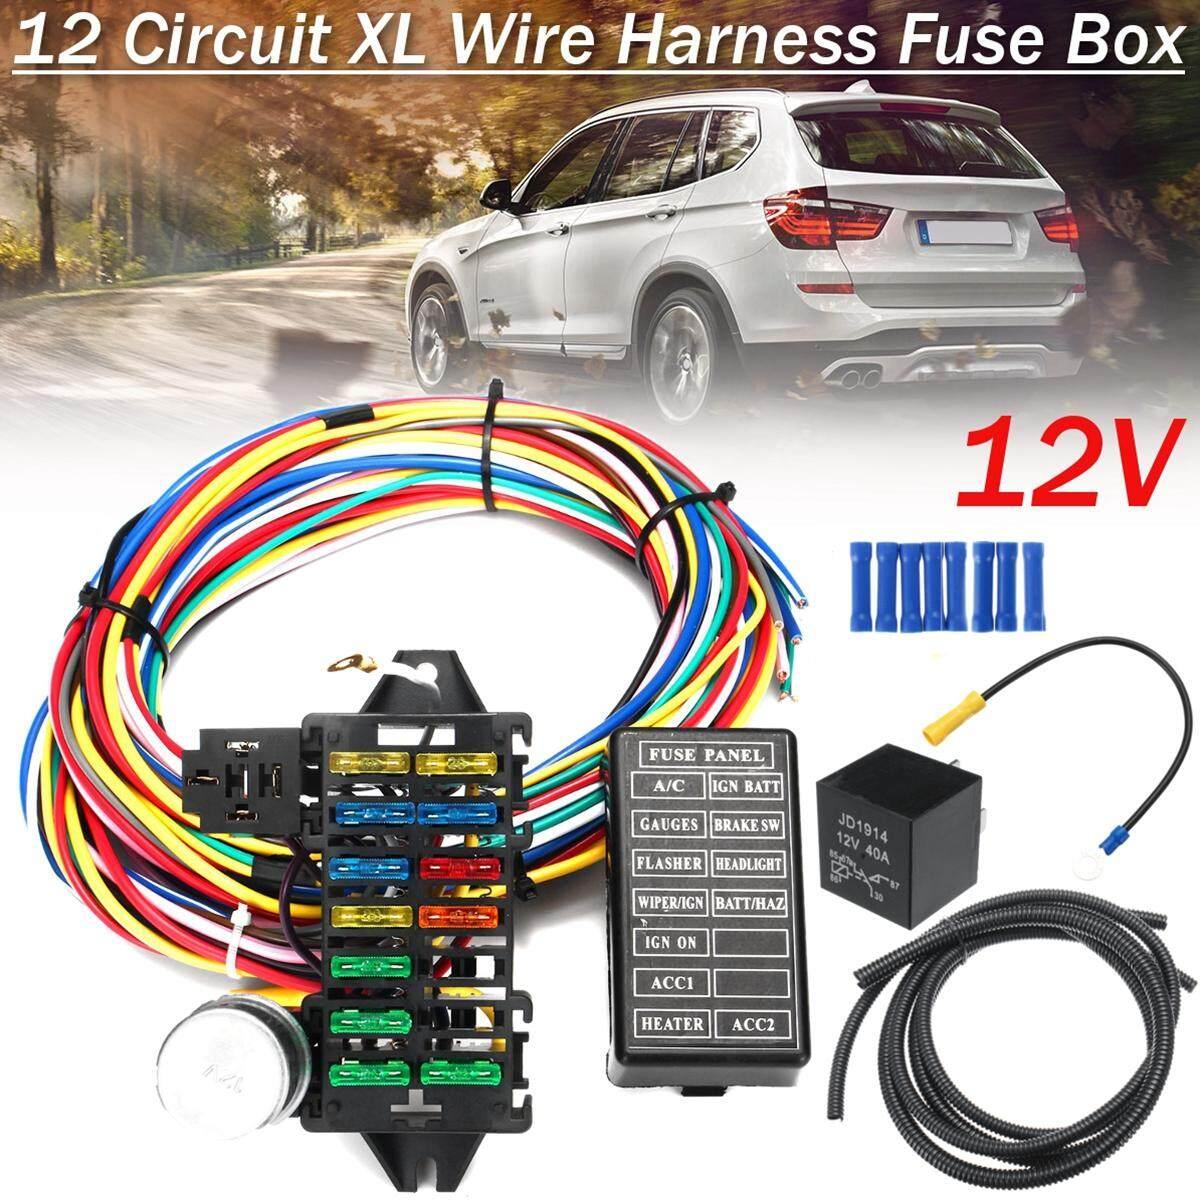 【Free Pengiriman + Flash Deal】12 Pengikat Kabel Sirkuit 14 Fuse 12 V Mobil Otot Hot Rod Stik Jalan XL Paket Kabel